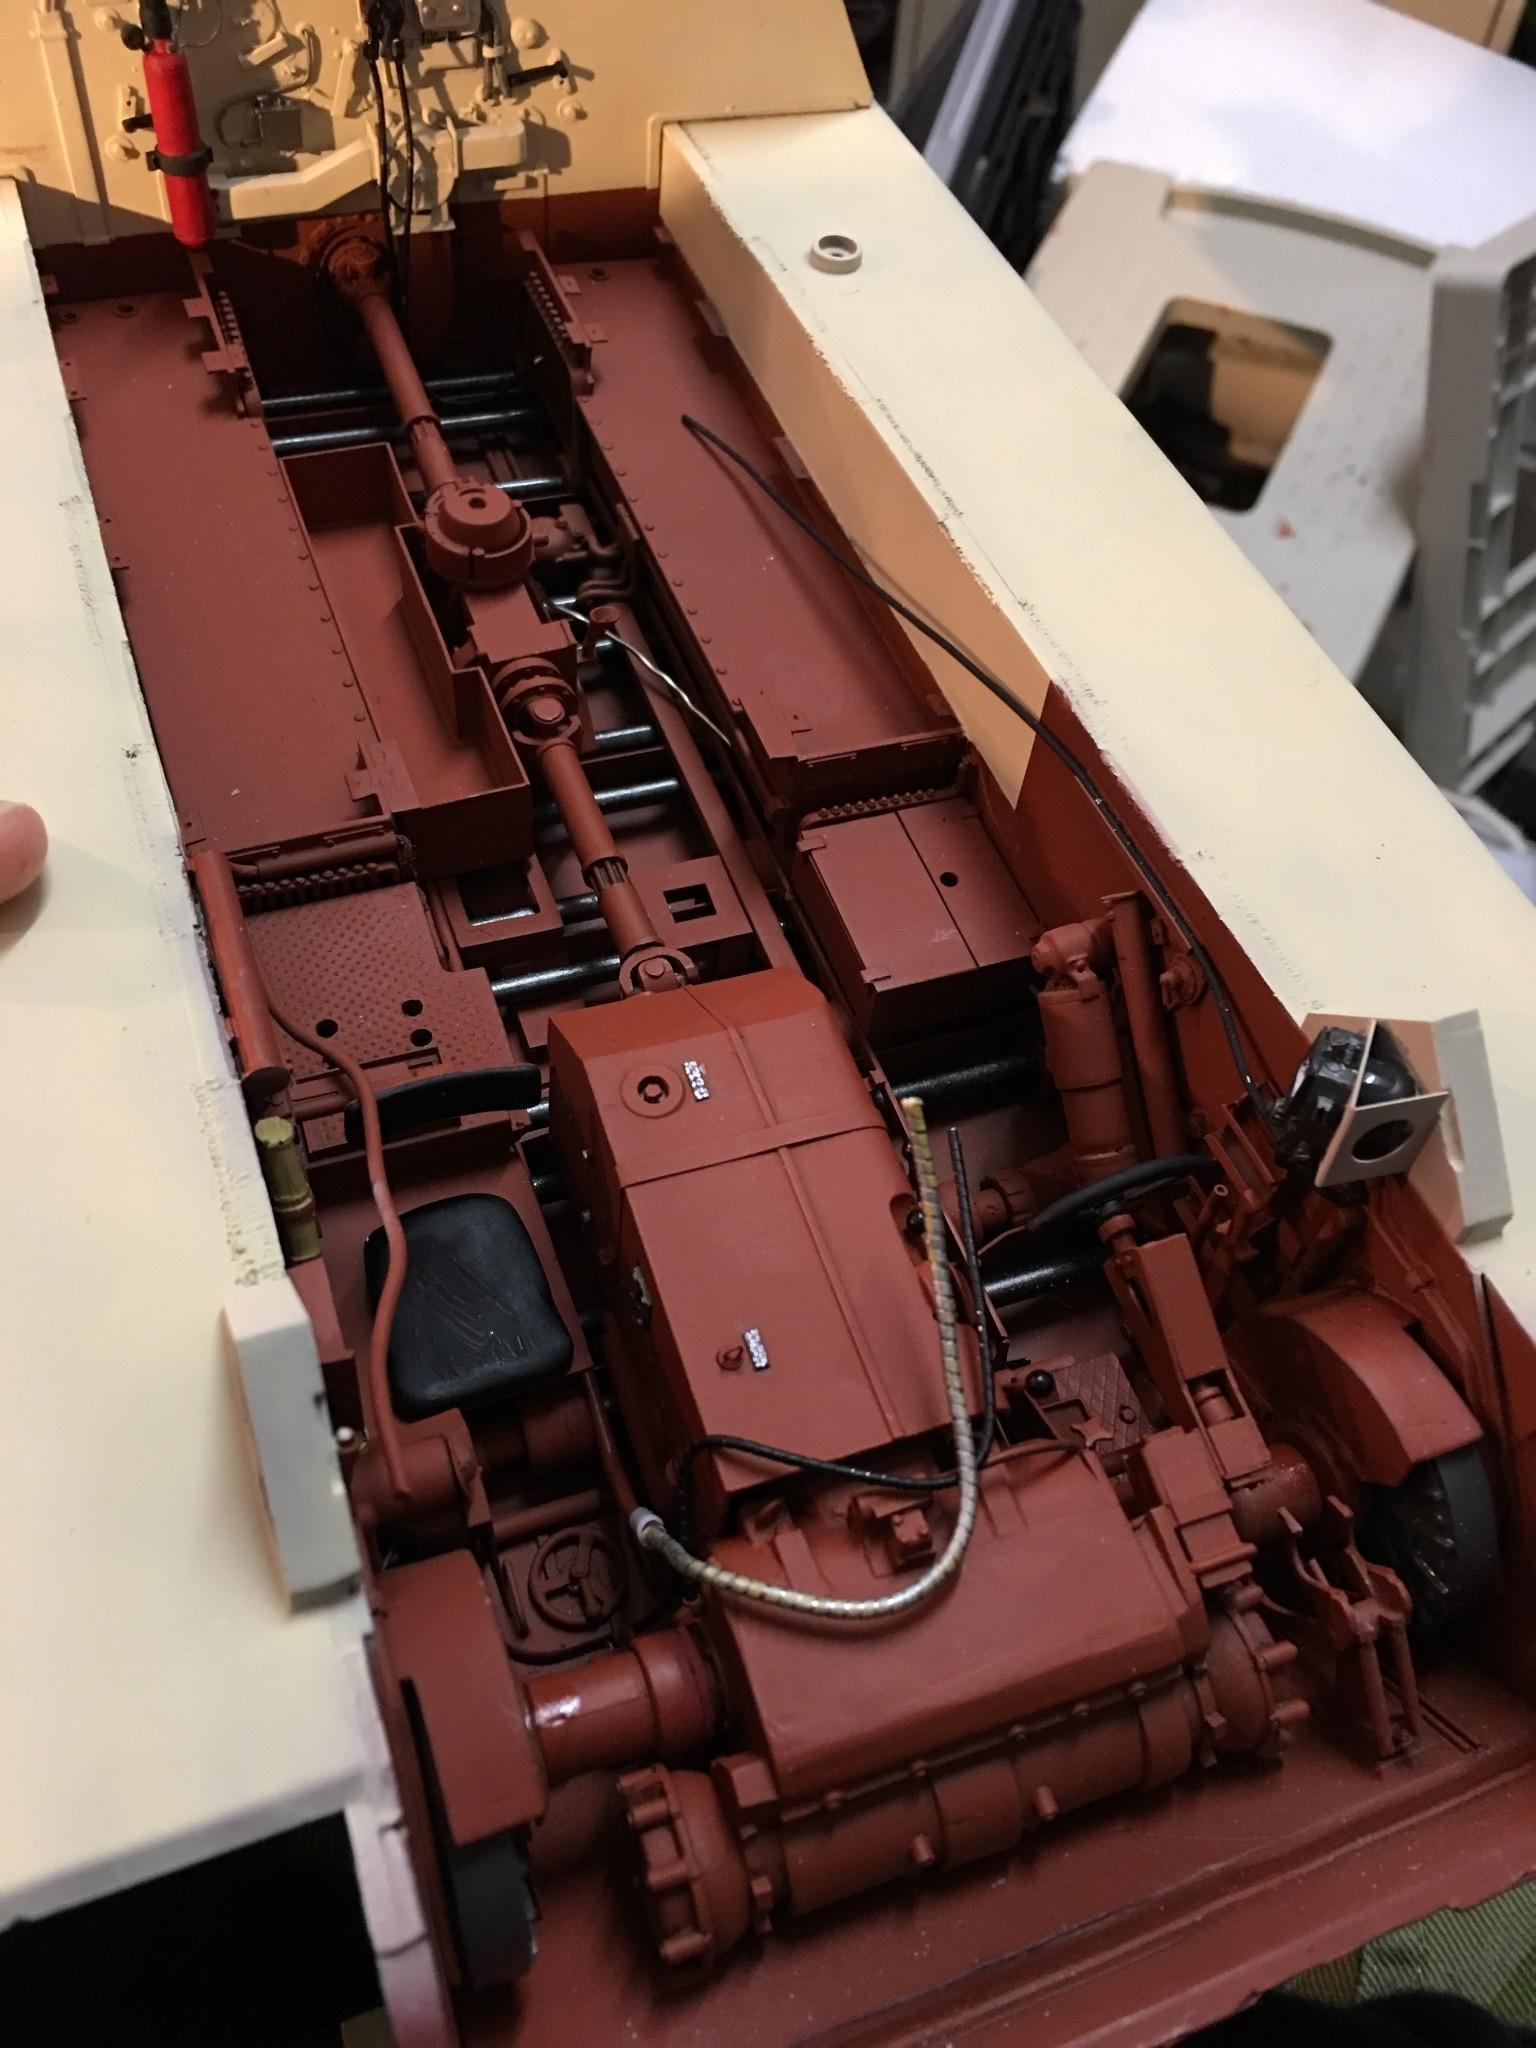 3BD950CB-6C7C-42ED-935E-8D2B020A052D.jpeg